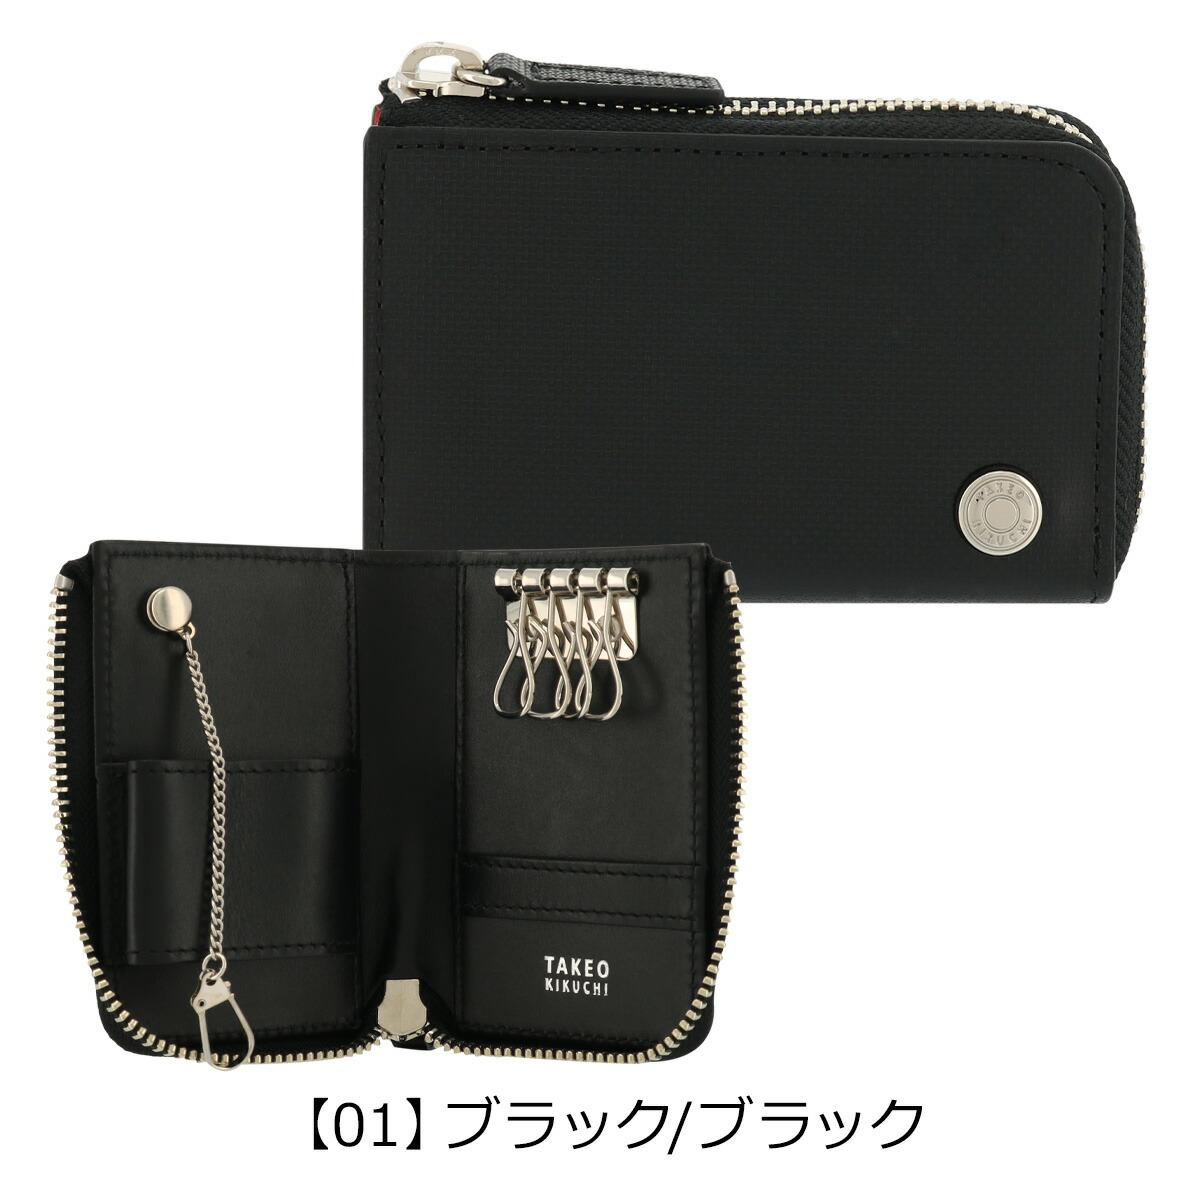 【01】ブラック/ブラック